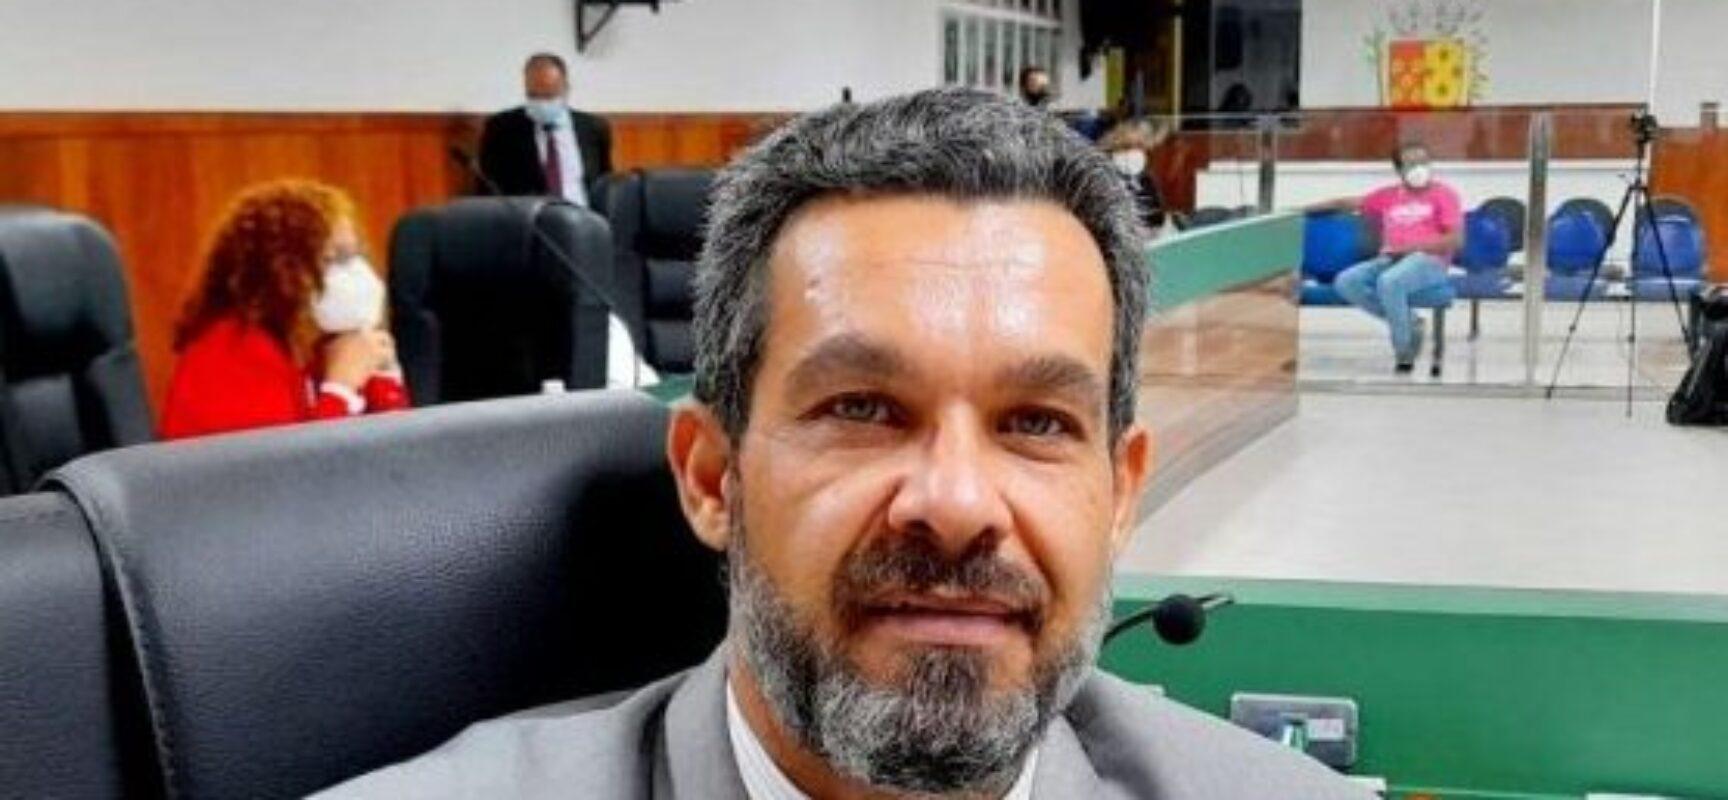 CASO LUCA LIMA: COMISSÃO PROCESSANTE PODERÁ OPINAR PELO ARQUIVAMENTO DA DENUNCIA